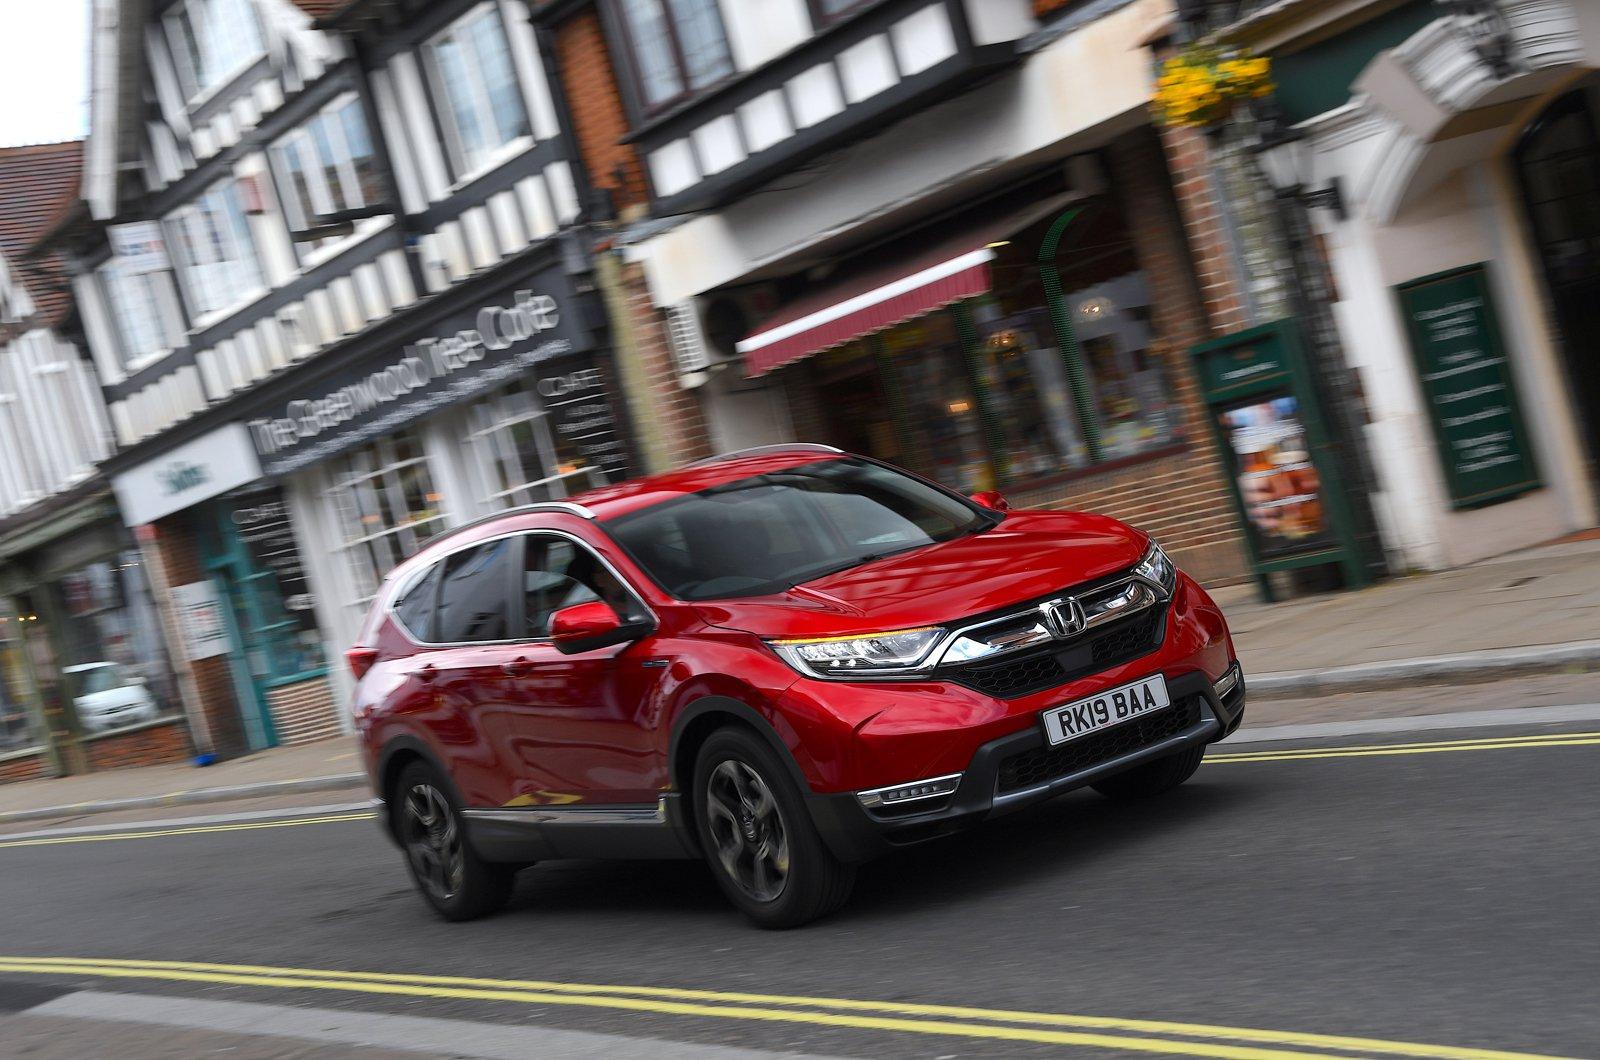 LT Honda CR-V hybrid in town